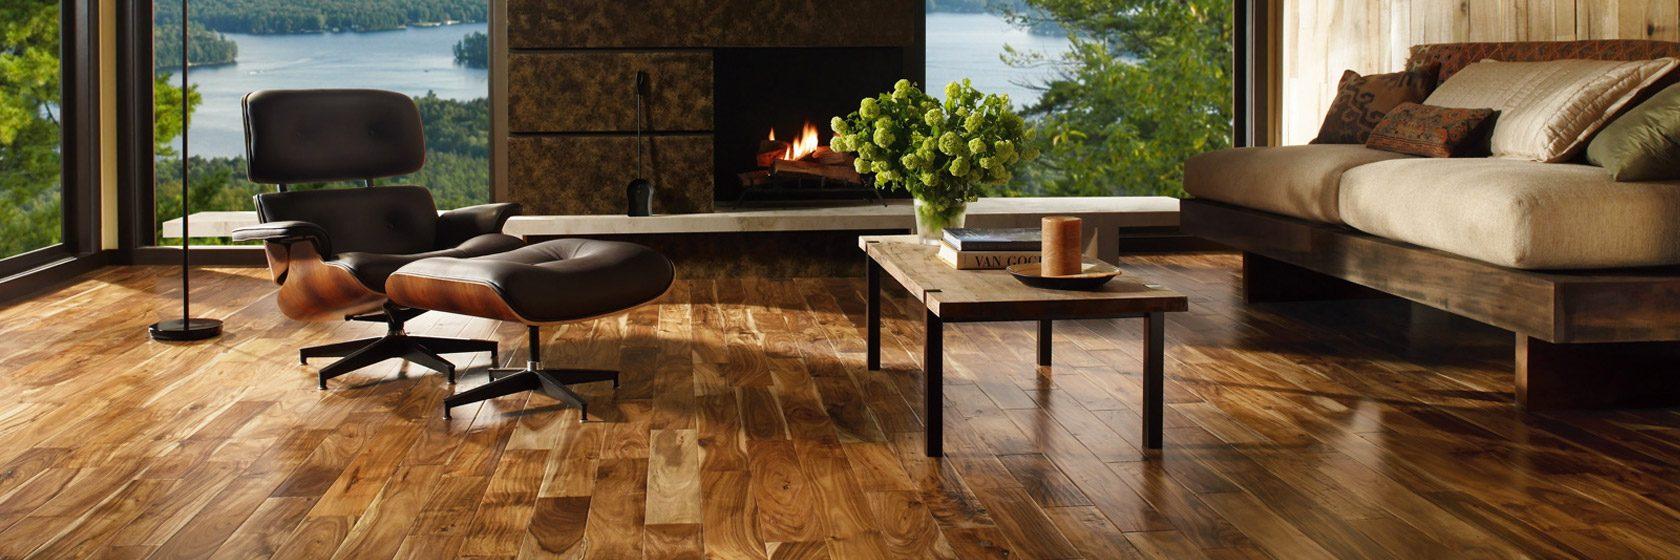 bruce-engineered-flooring-at-georgia-carpet-industries.jpg